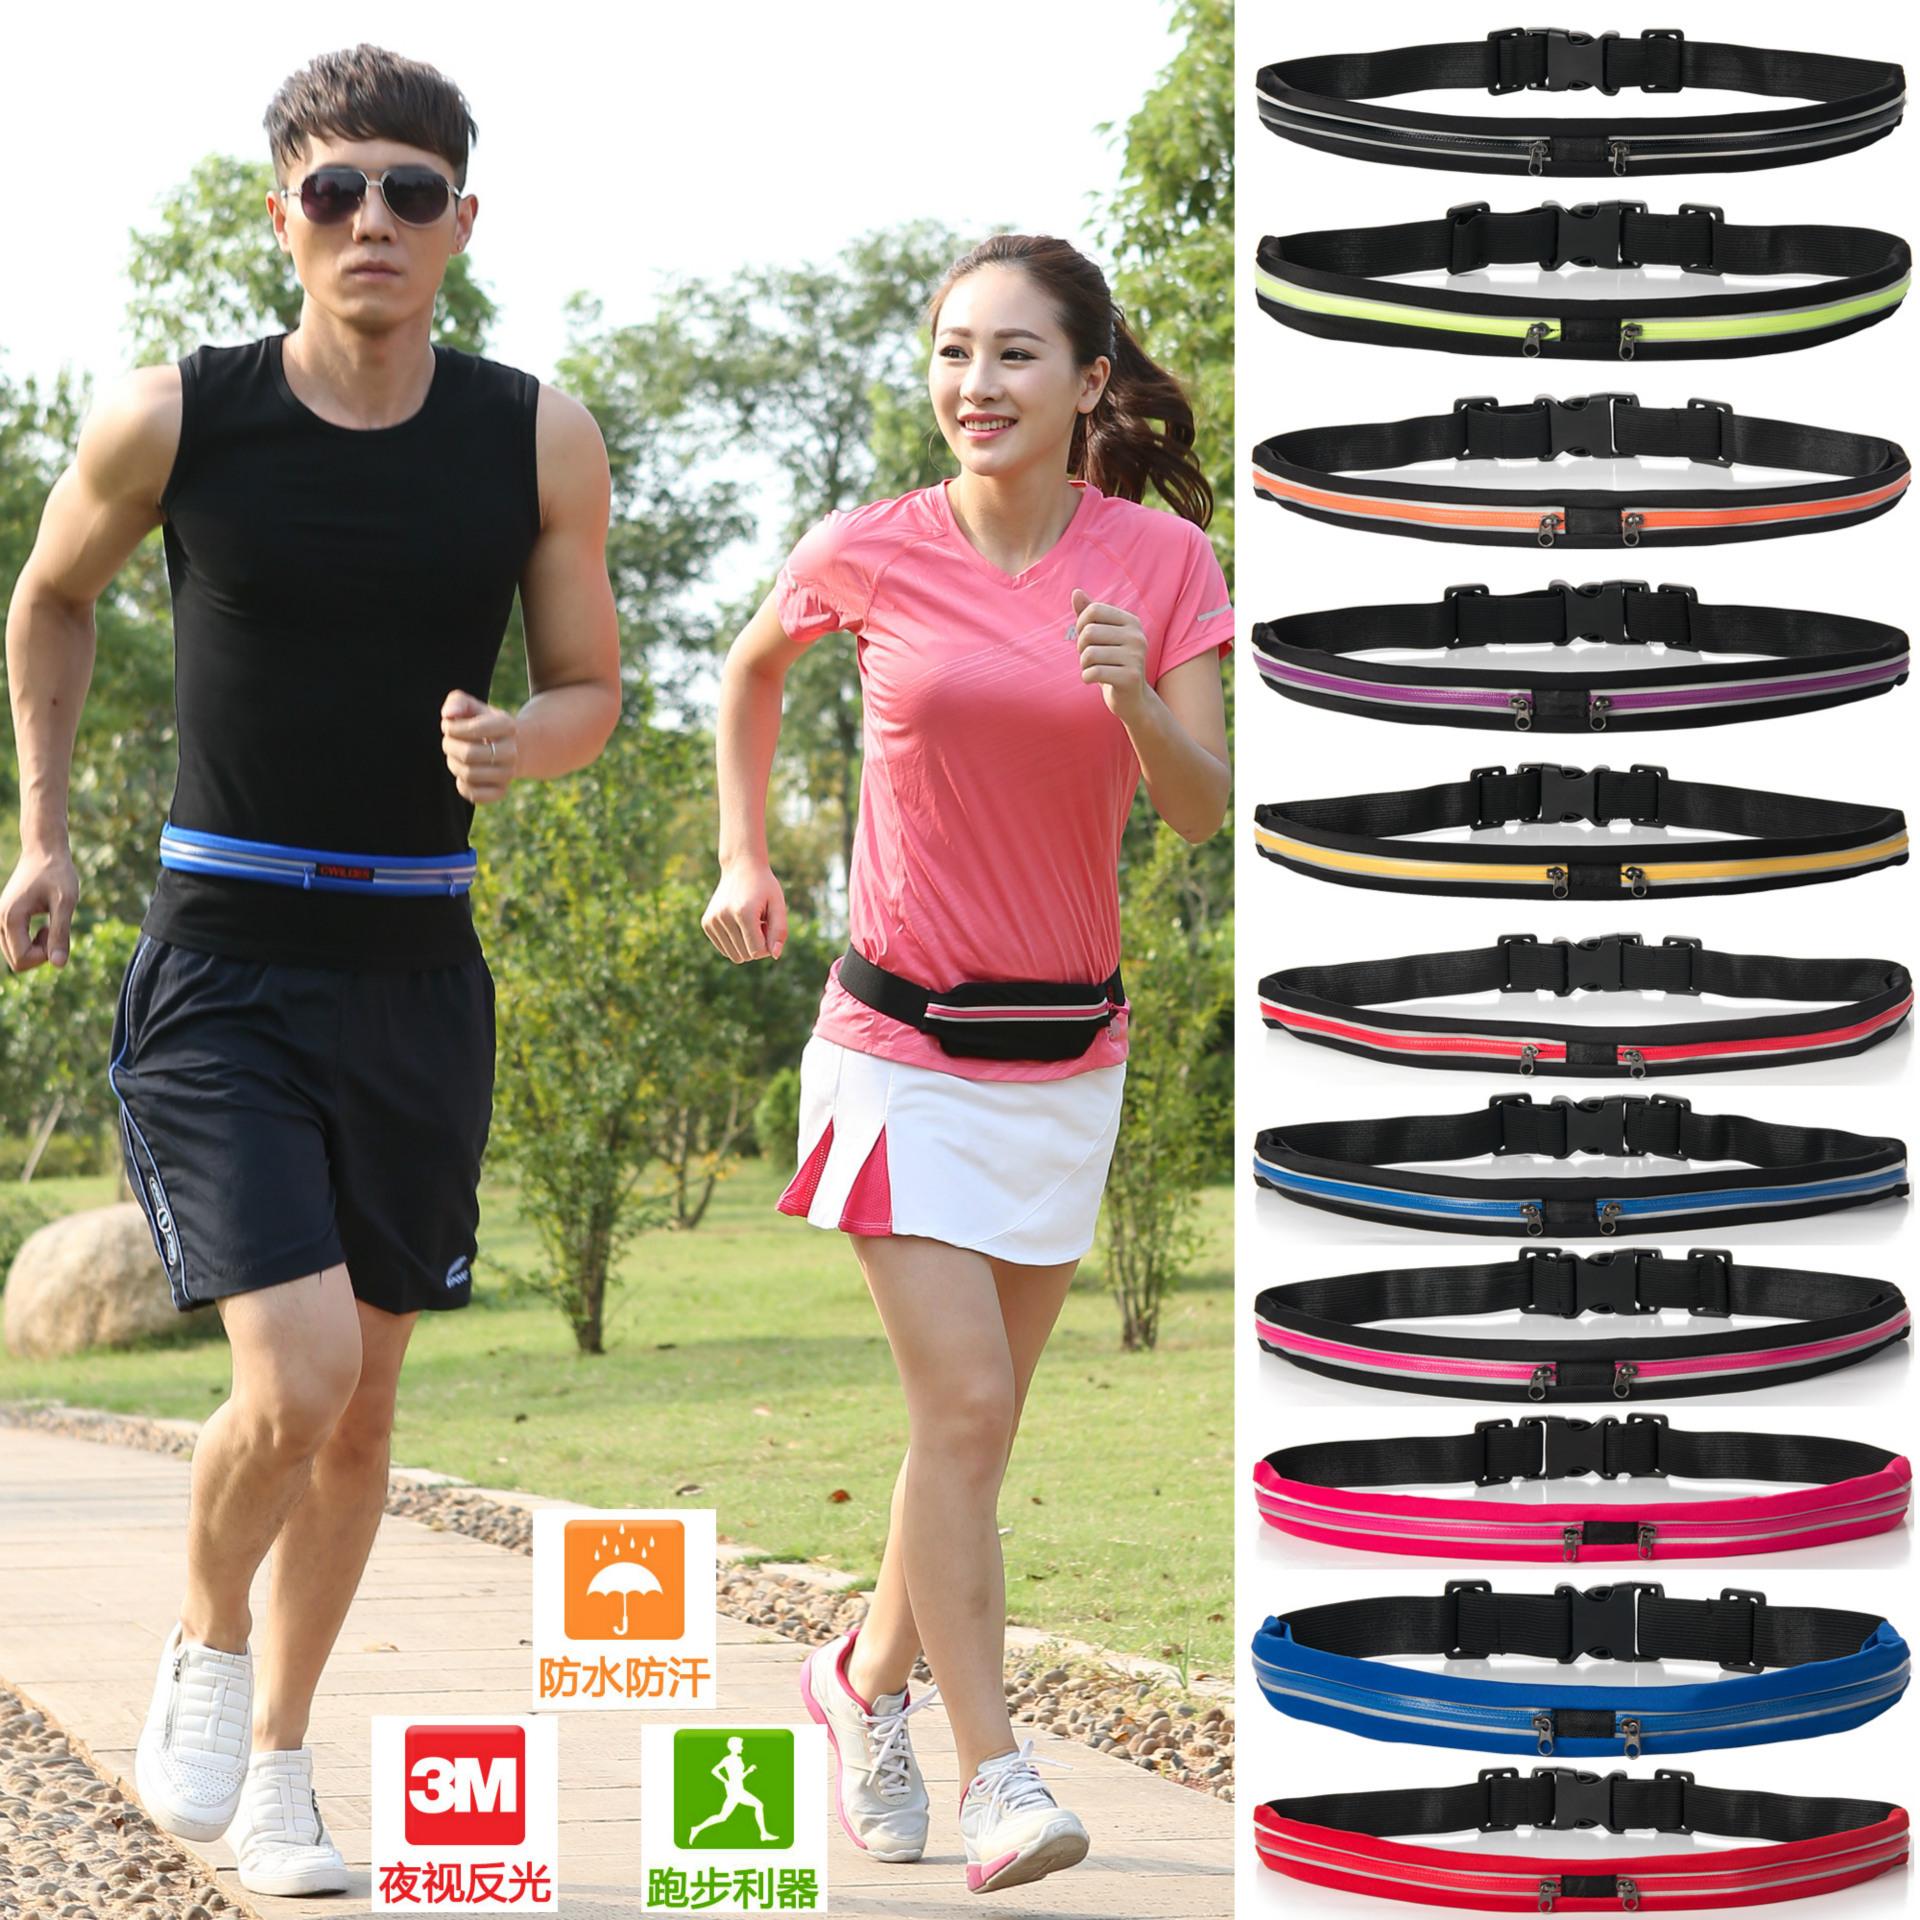 弹力运动腰带升级版反光防水隐形腰包多功能跑步运动腰包礼品定制